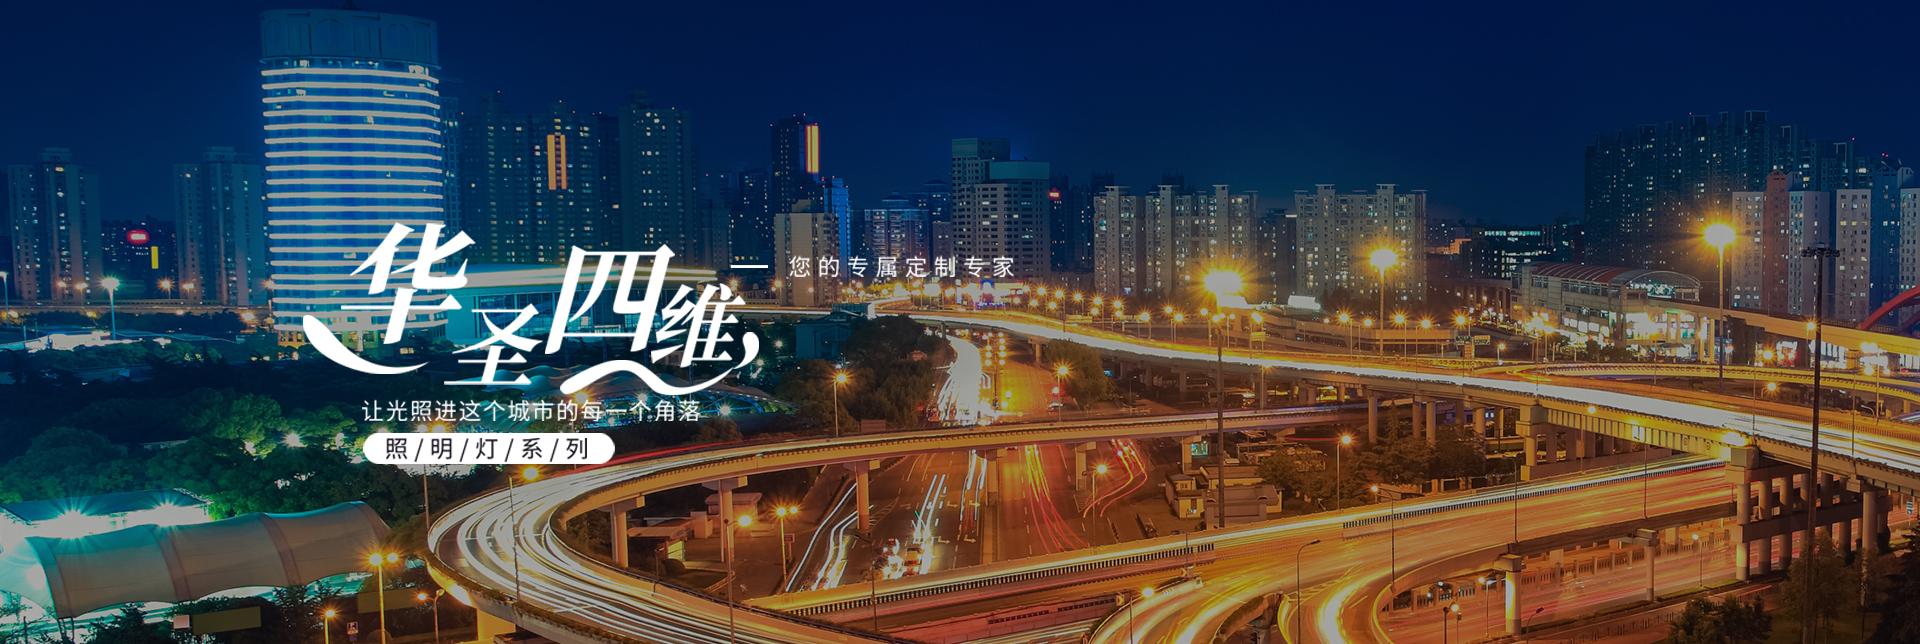 led交通屏及指路标示牌专业供应商